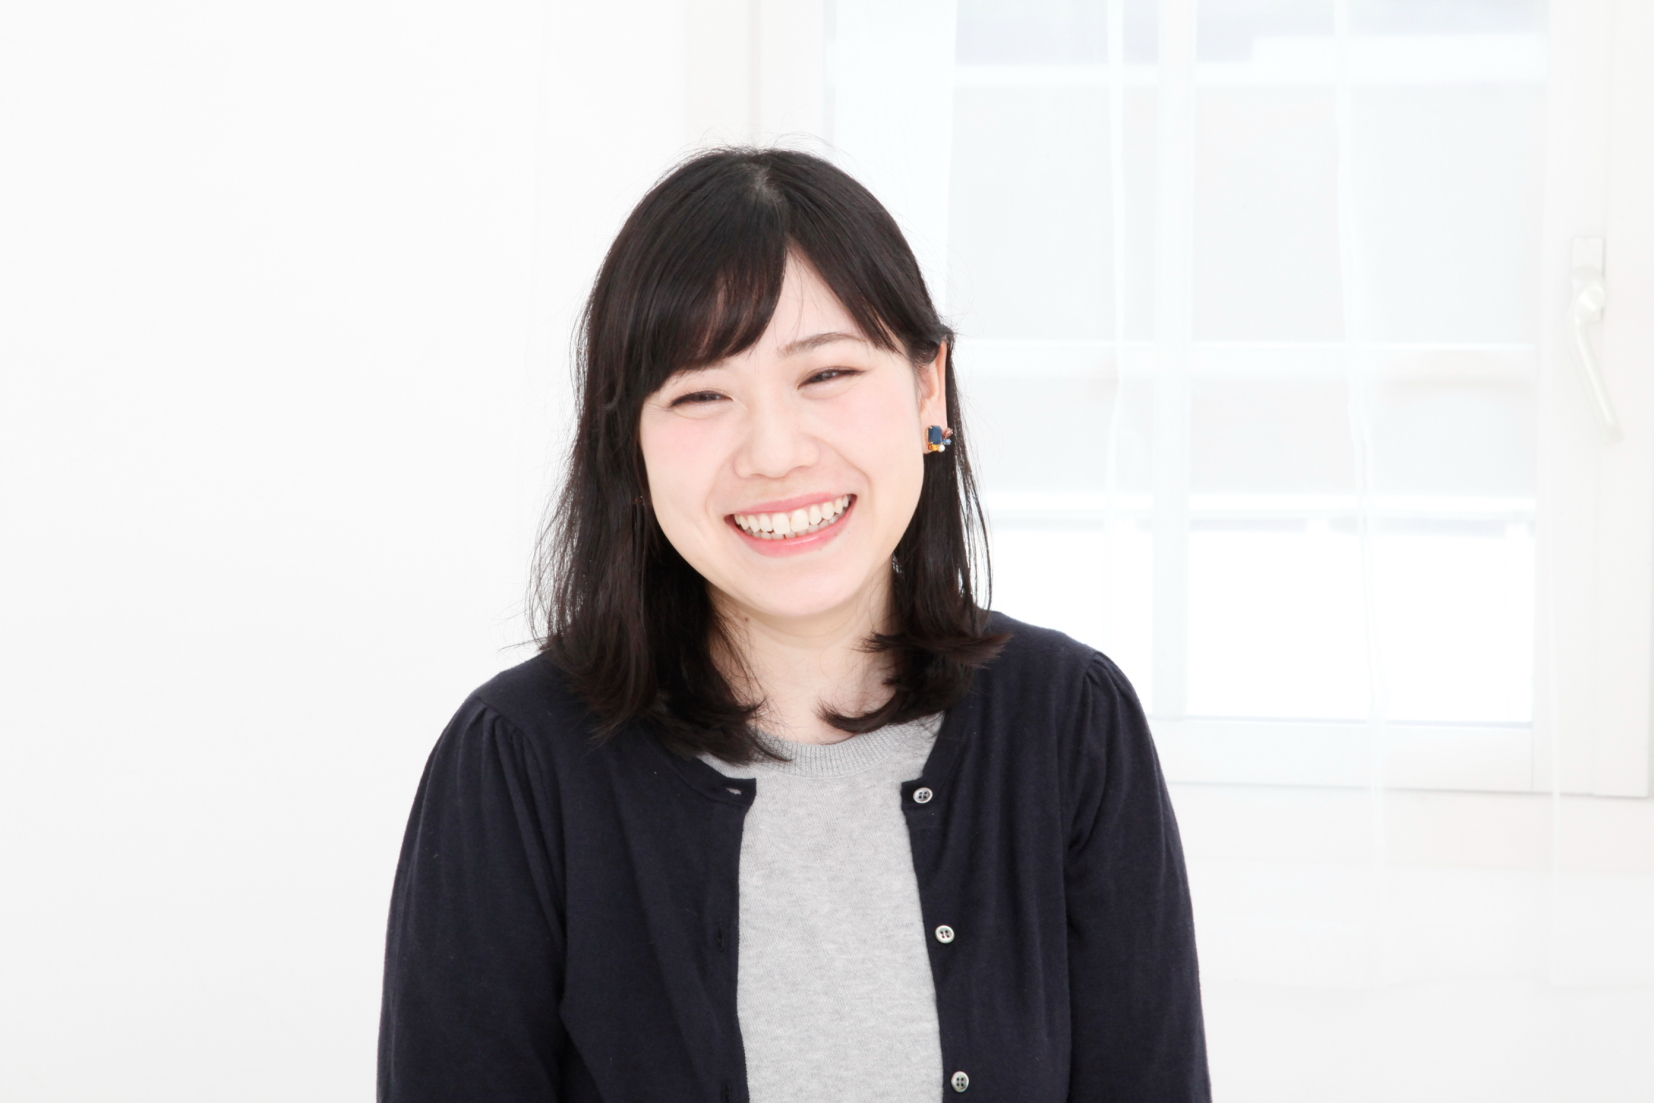 野村真美さん(anan総研 No.7)